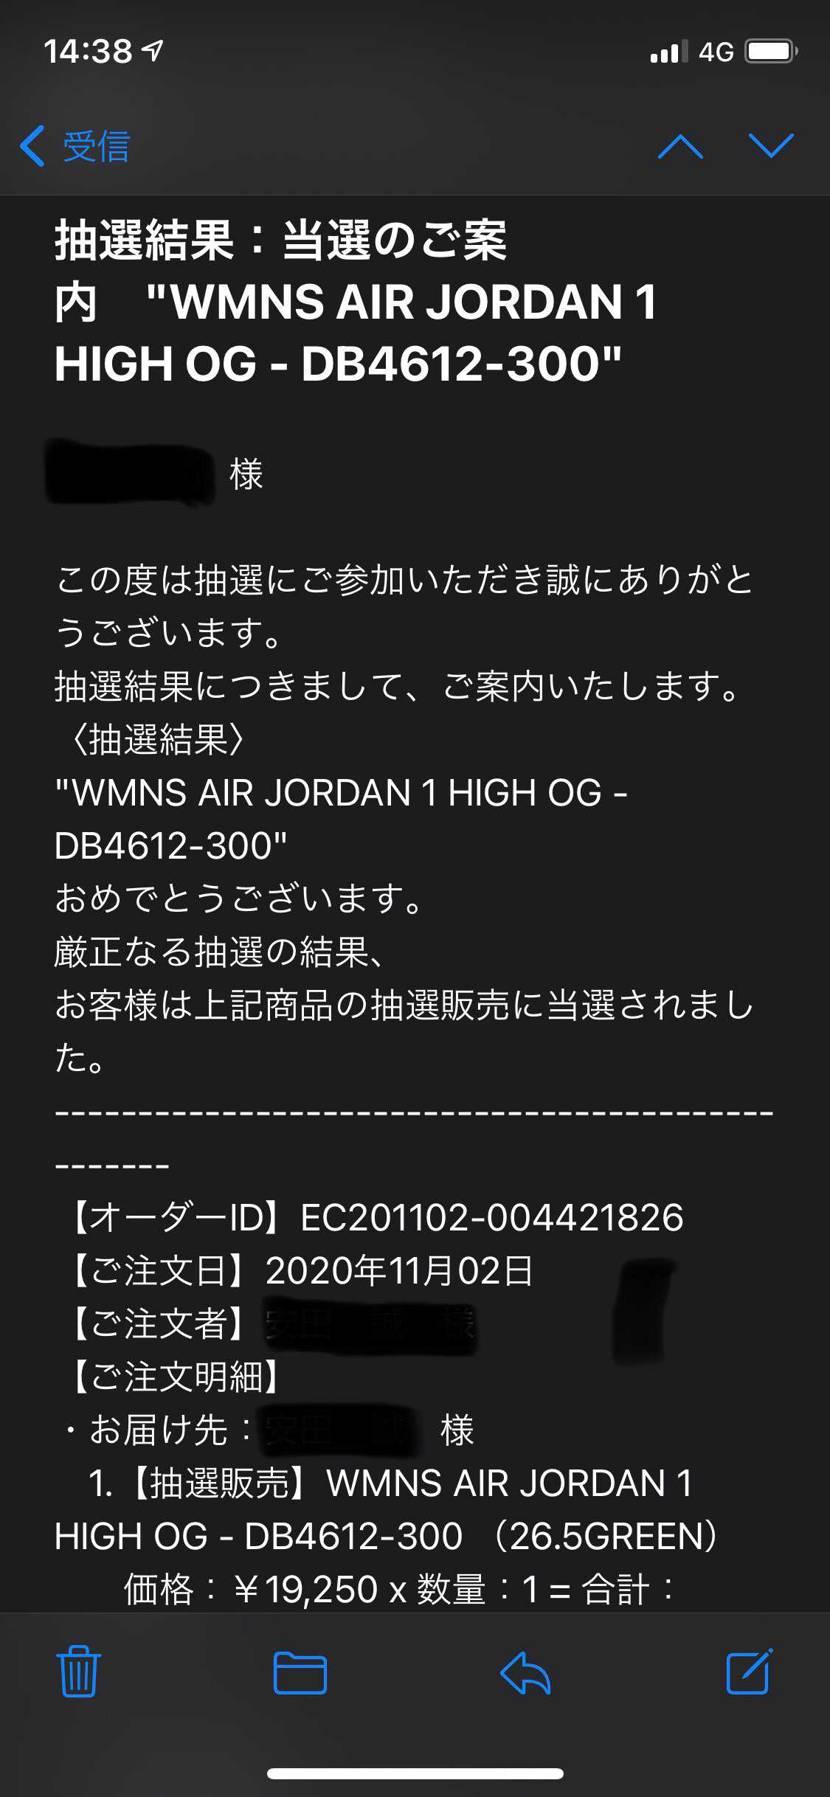 今日はなんて日だ😭 朝はSNSからco.jp当選して今、アンディーからラッキー